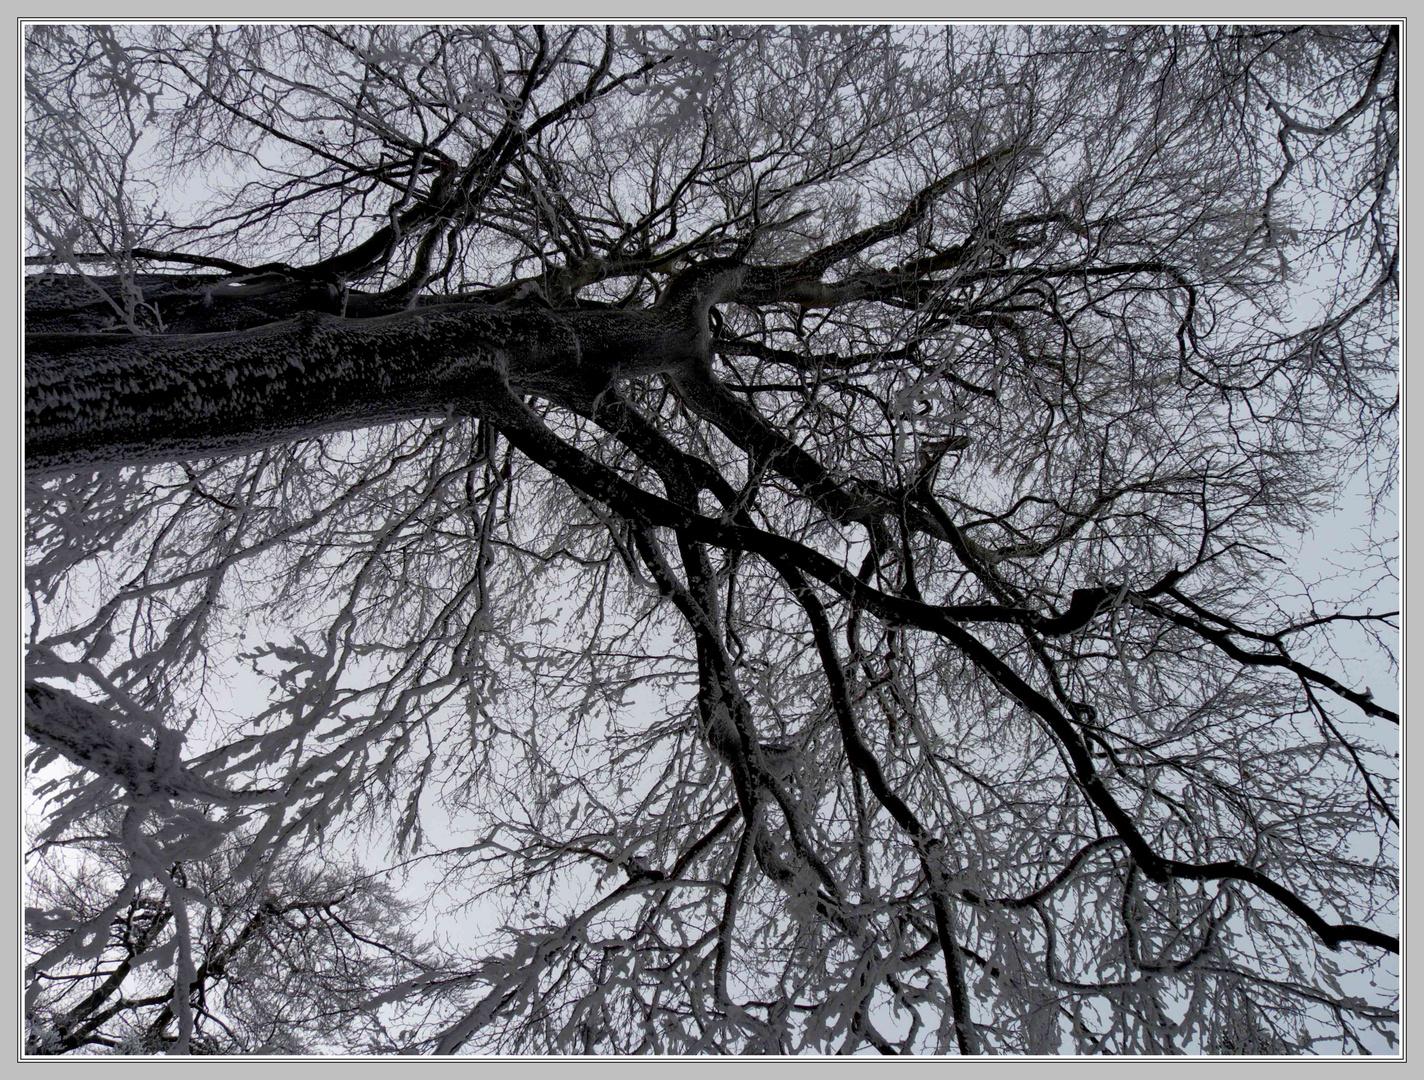 Kälte und Schnee reduzieren auf das Wesentliche